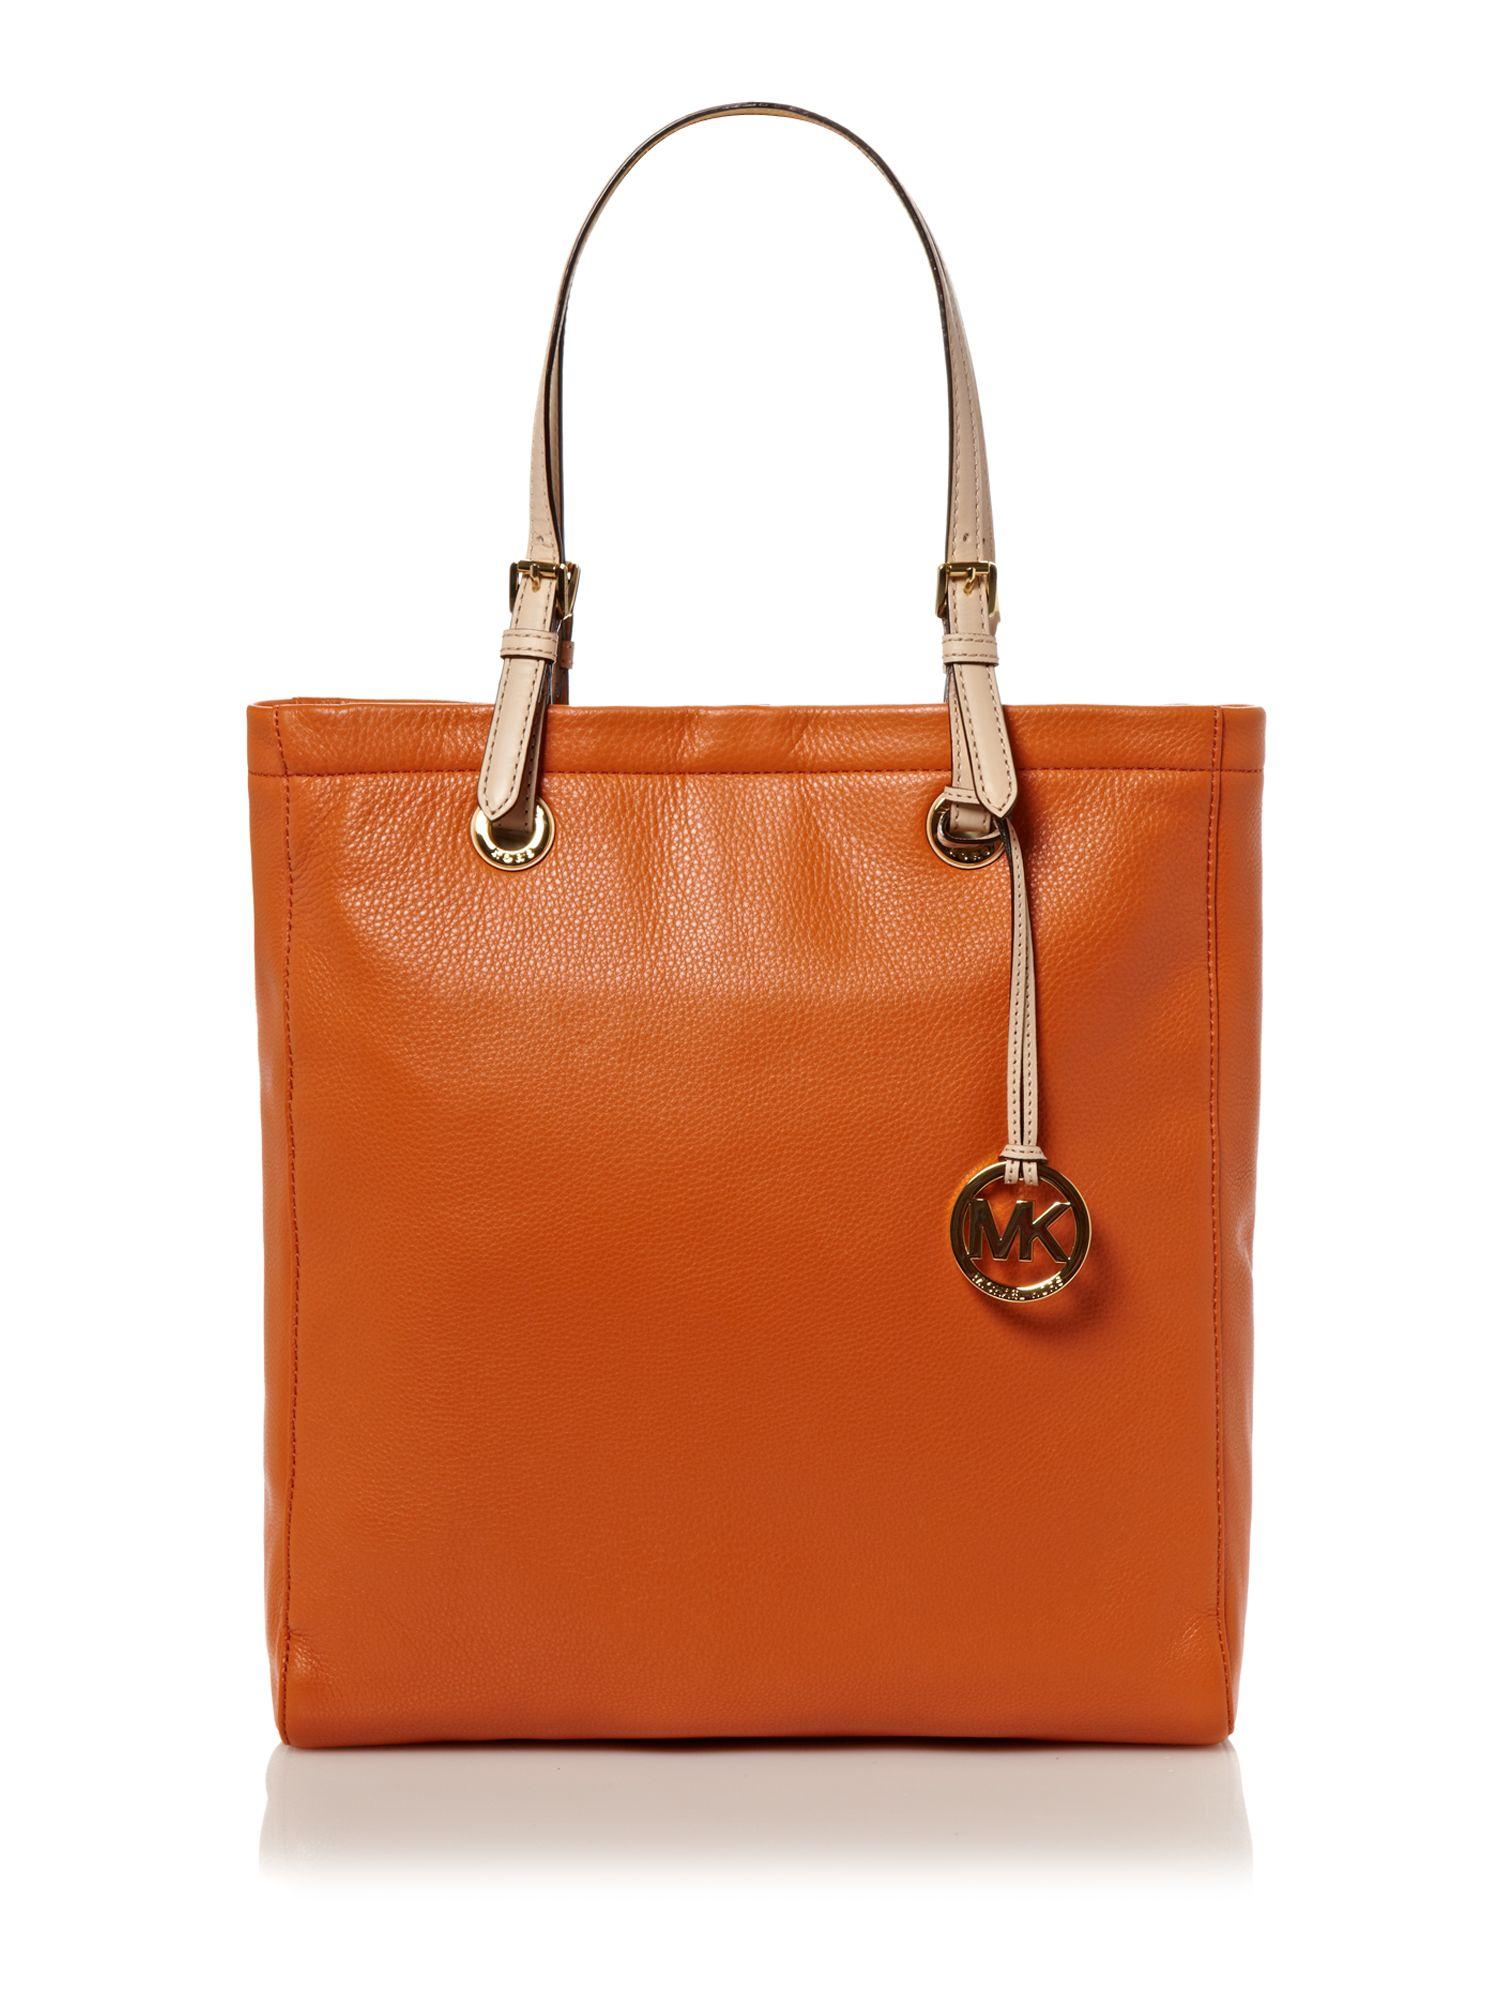 michael kors tote shopper bag in orange lyst. Black Bedroom Furniture Sets. Home Design Ideas